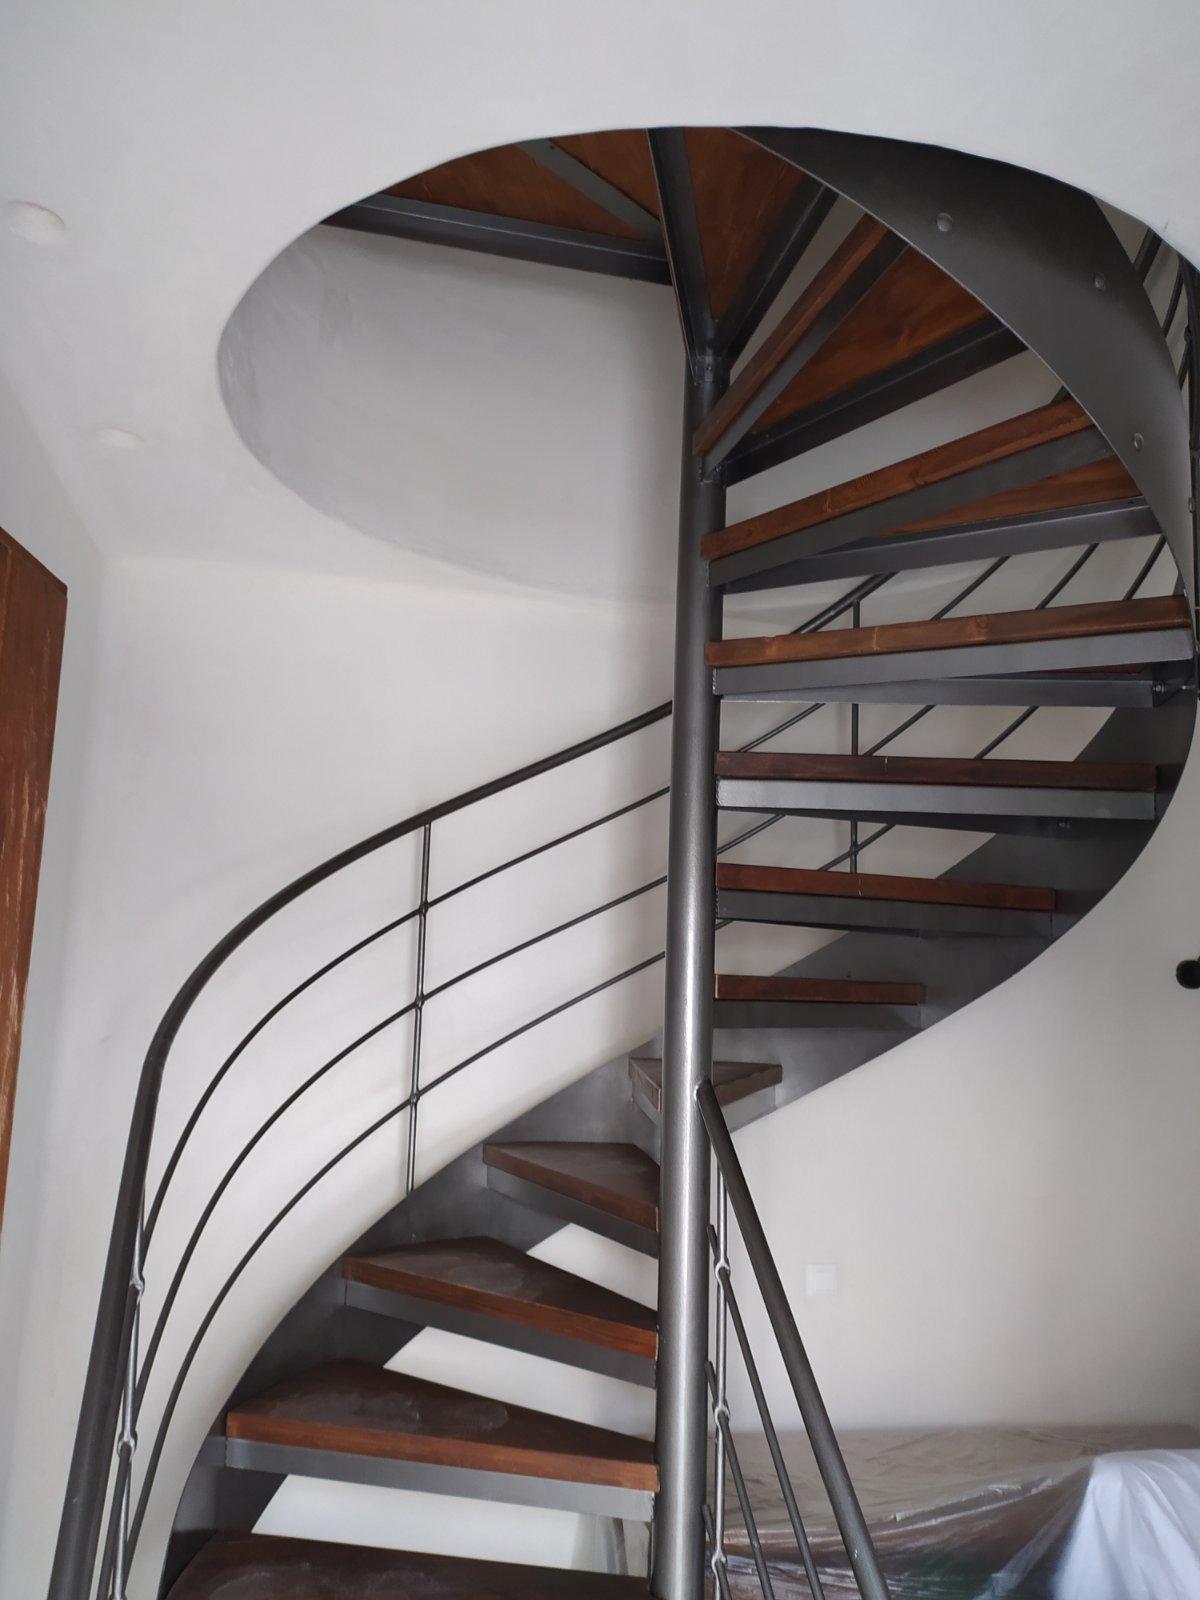 Μεταλλικά πατάρια και σκάλες